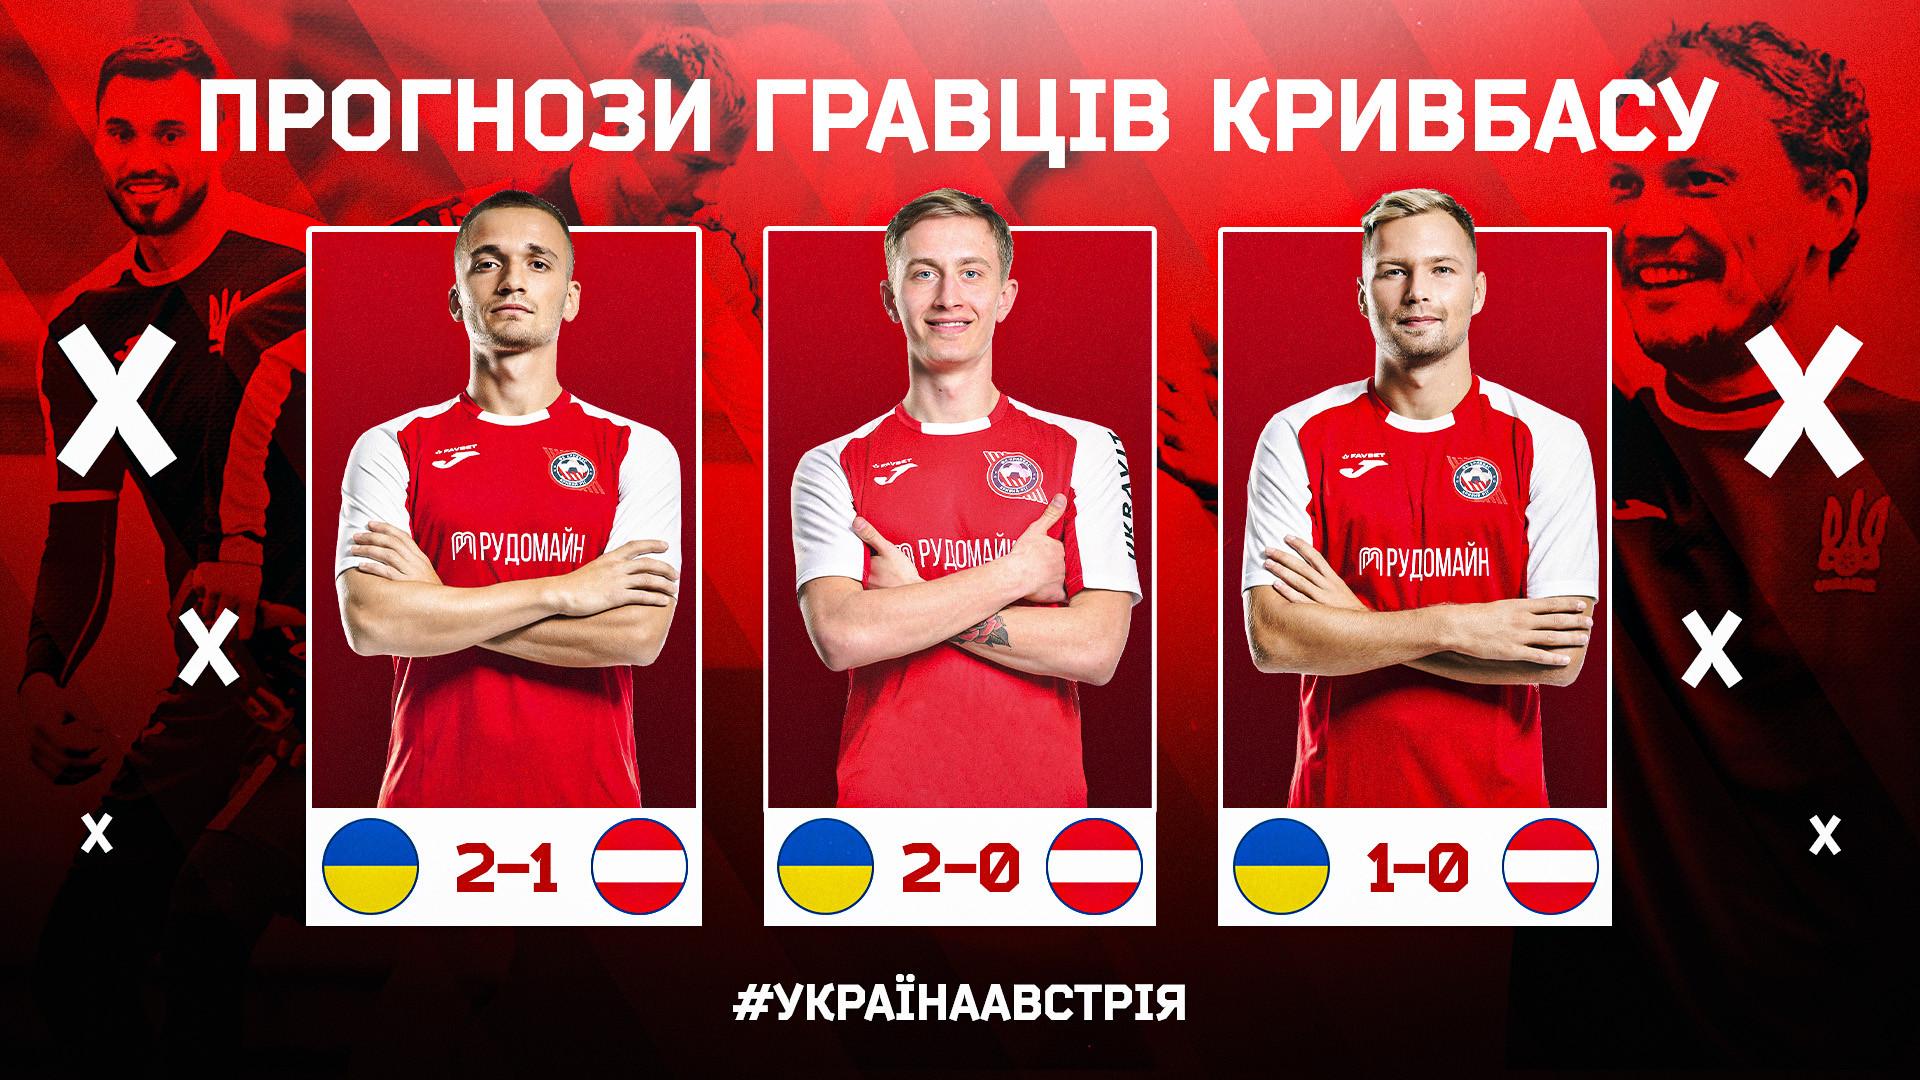 """Україна - Австрія: який рахунок прогнозують гравці """"Кривбасу""""?}"""